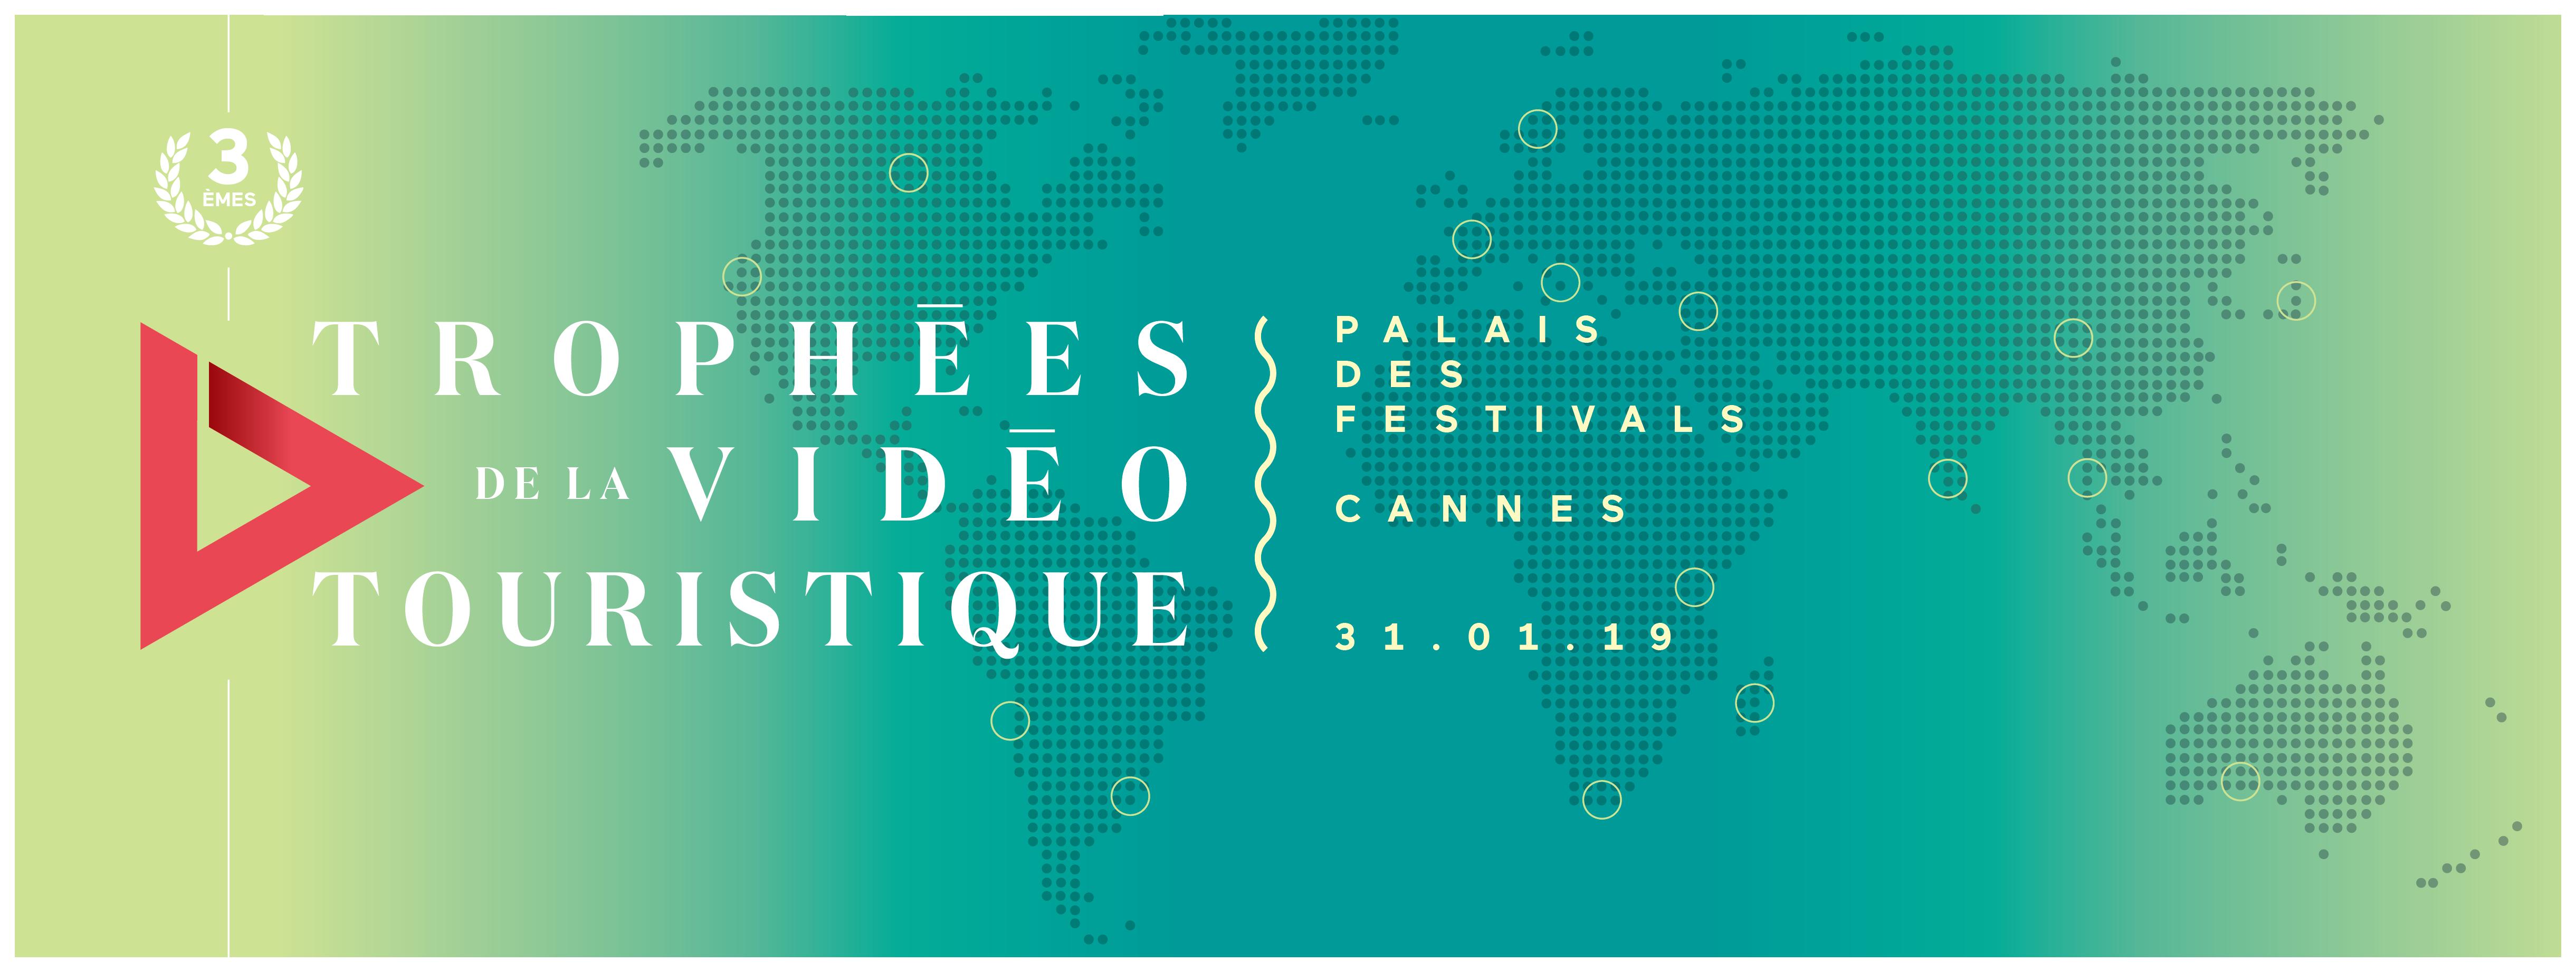 3e édition des Trophées de la Vidéo Touristique : plus que quelques jours pour candidater